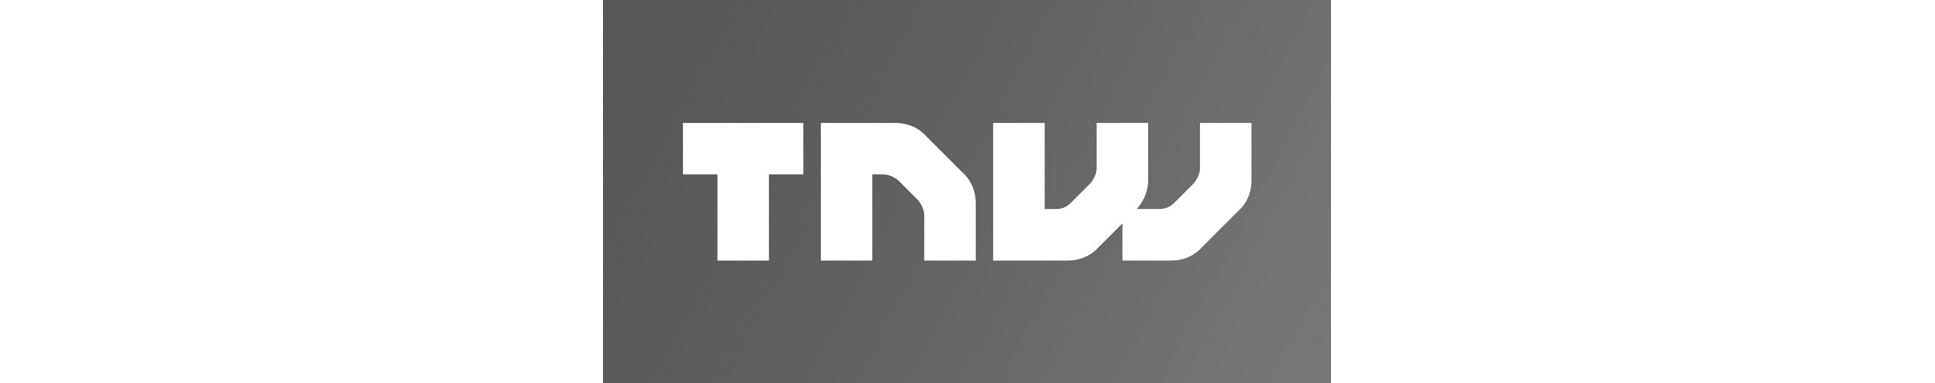 tnw-grey